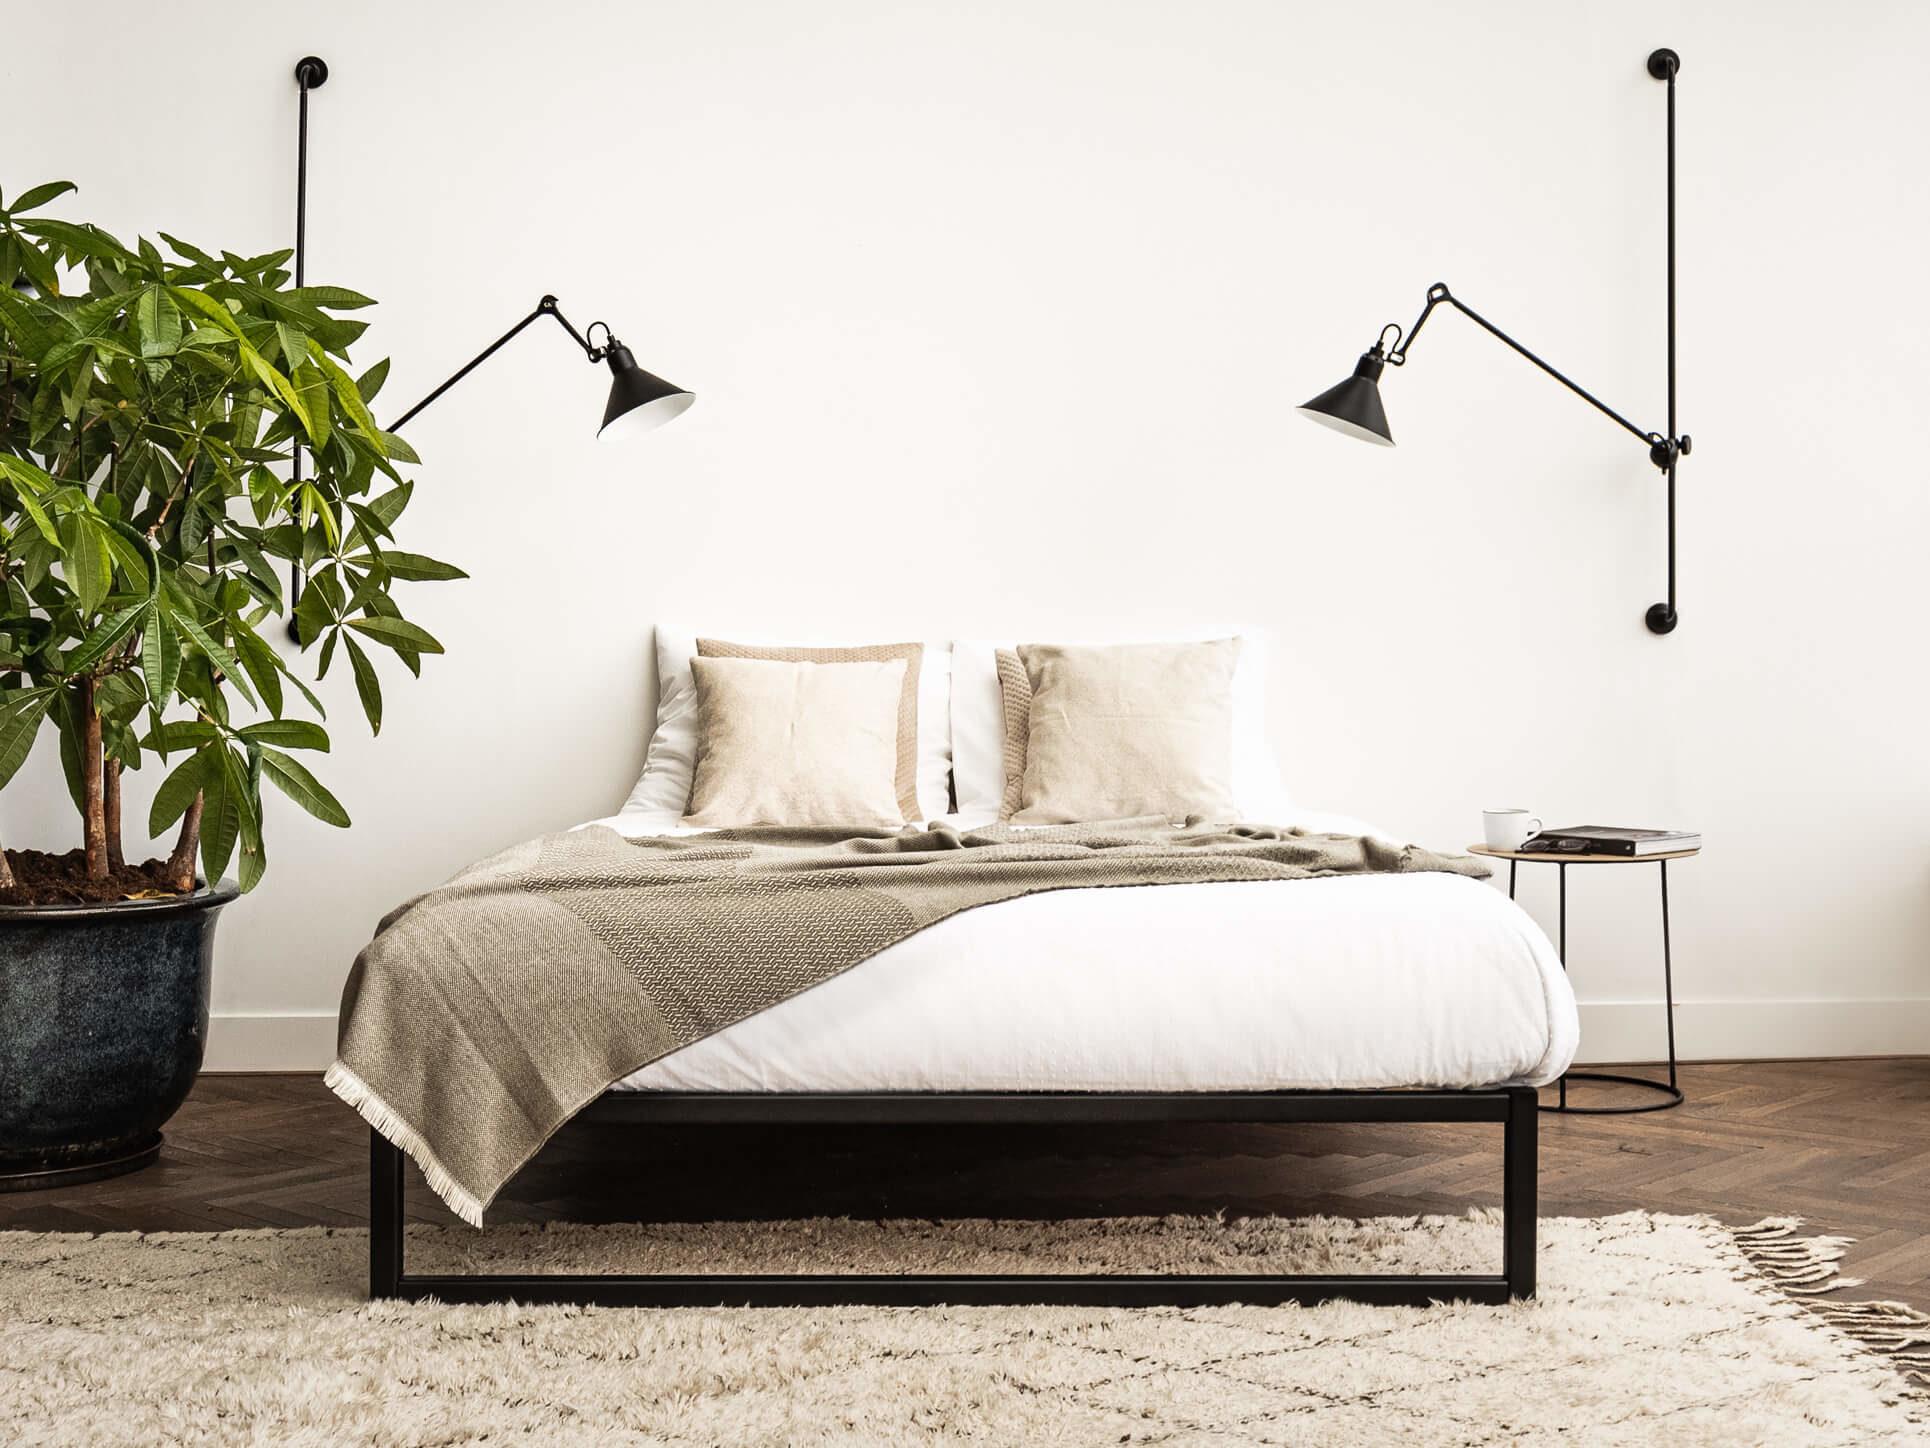 Matt bed